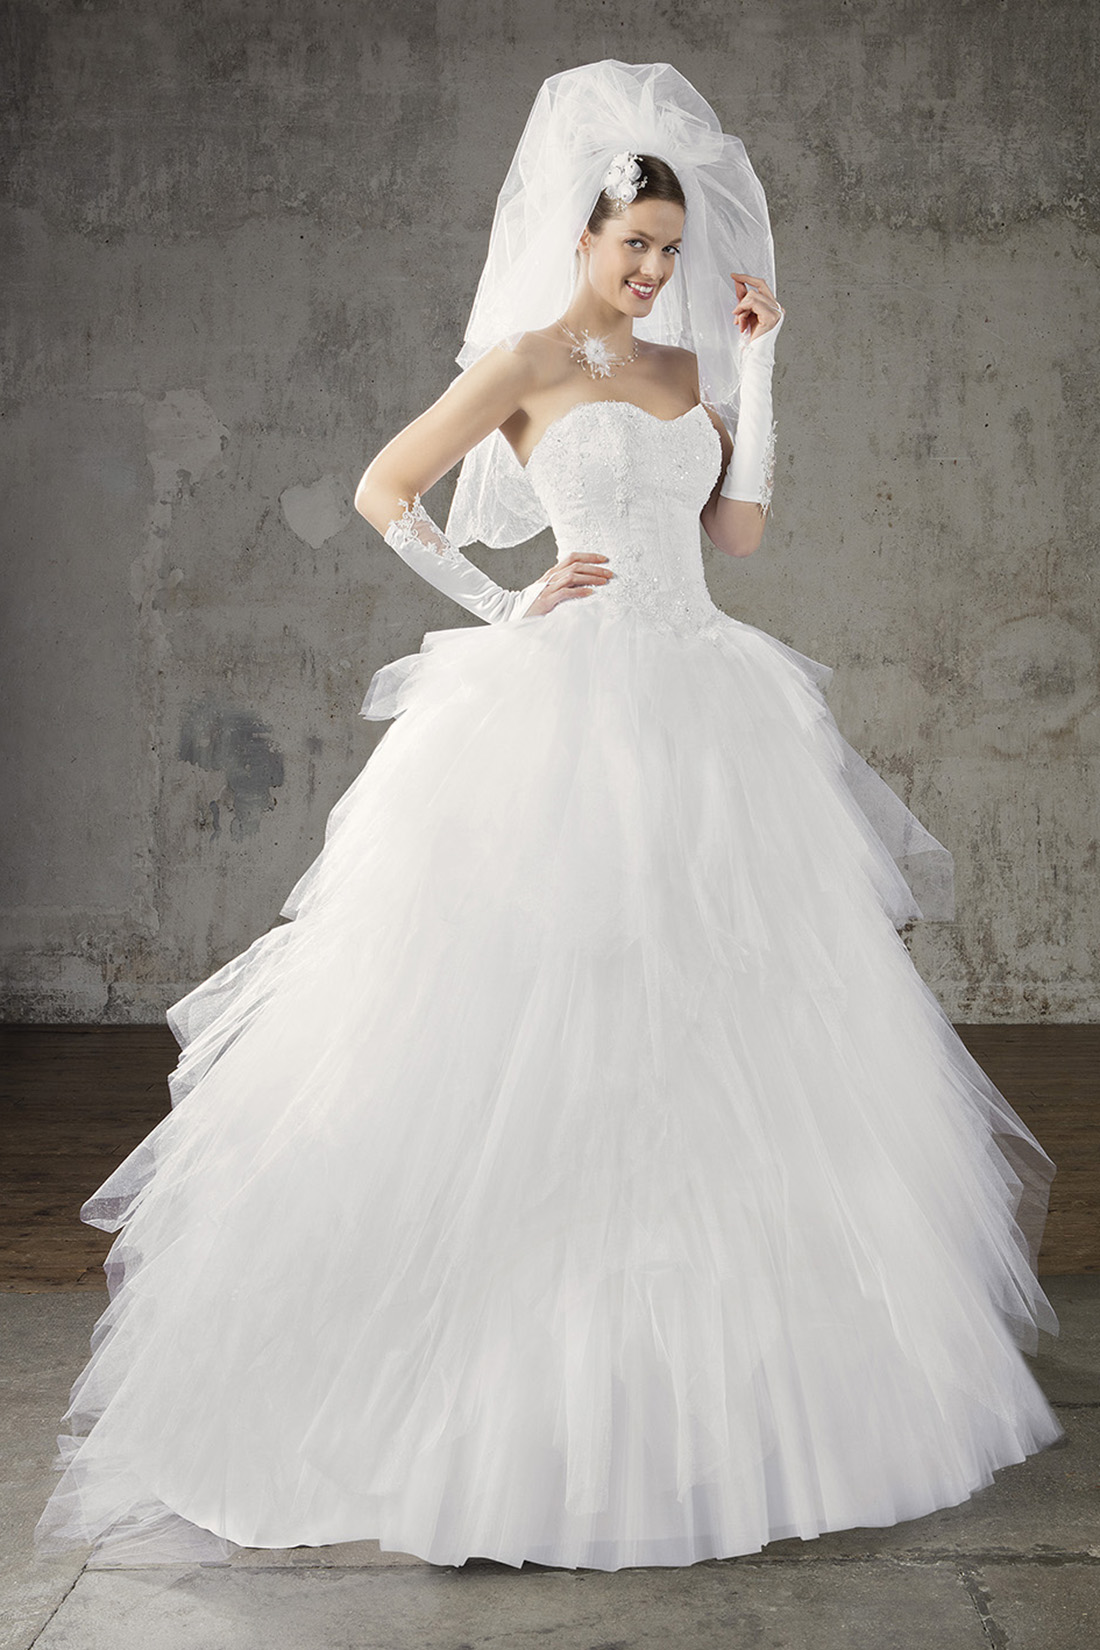 a19bde193e3373 Пишні Весільні Сукні з Рукавами з Мережива зі Шлейфом, Красиві ...